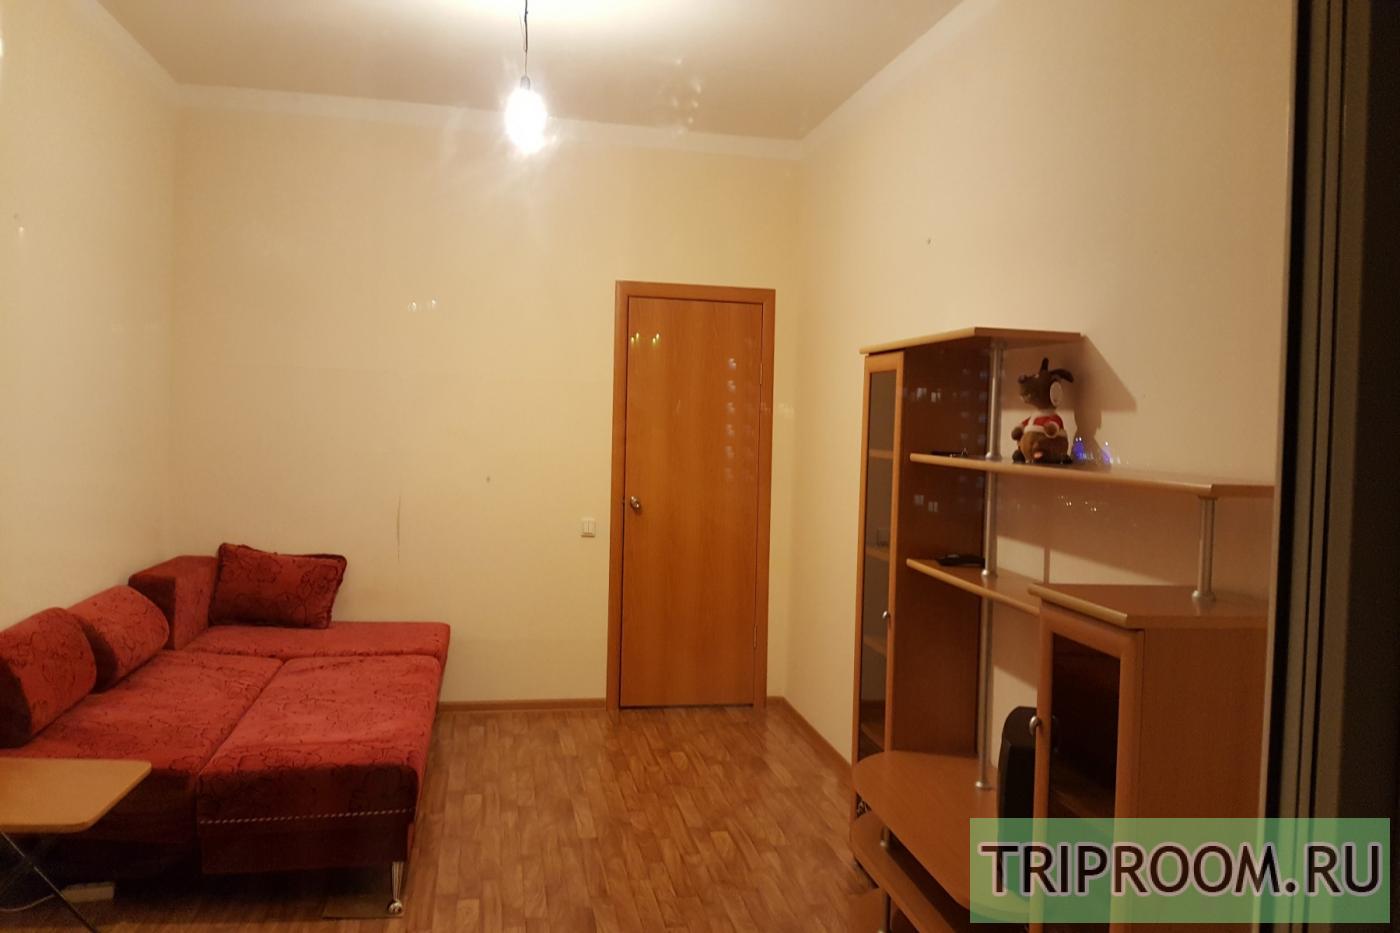 1-комнатная квартира посуточно (вариант № 34783), ул. Семена Билецкого, фото № 1